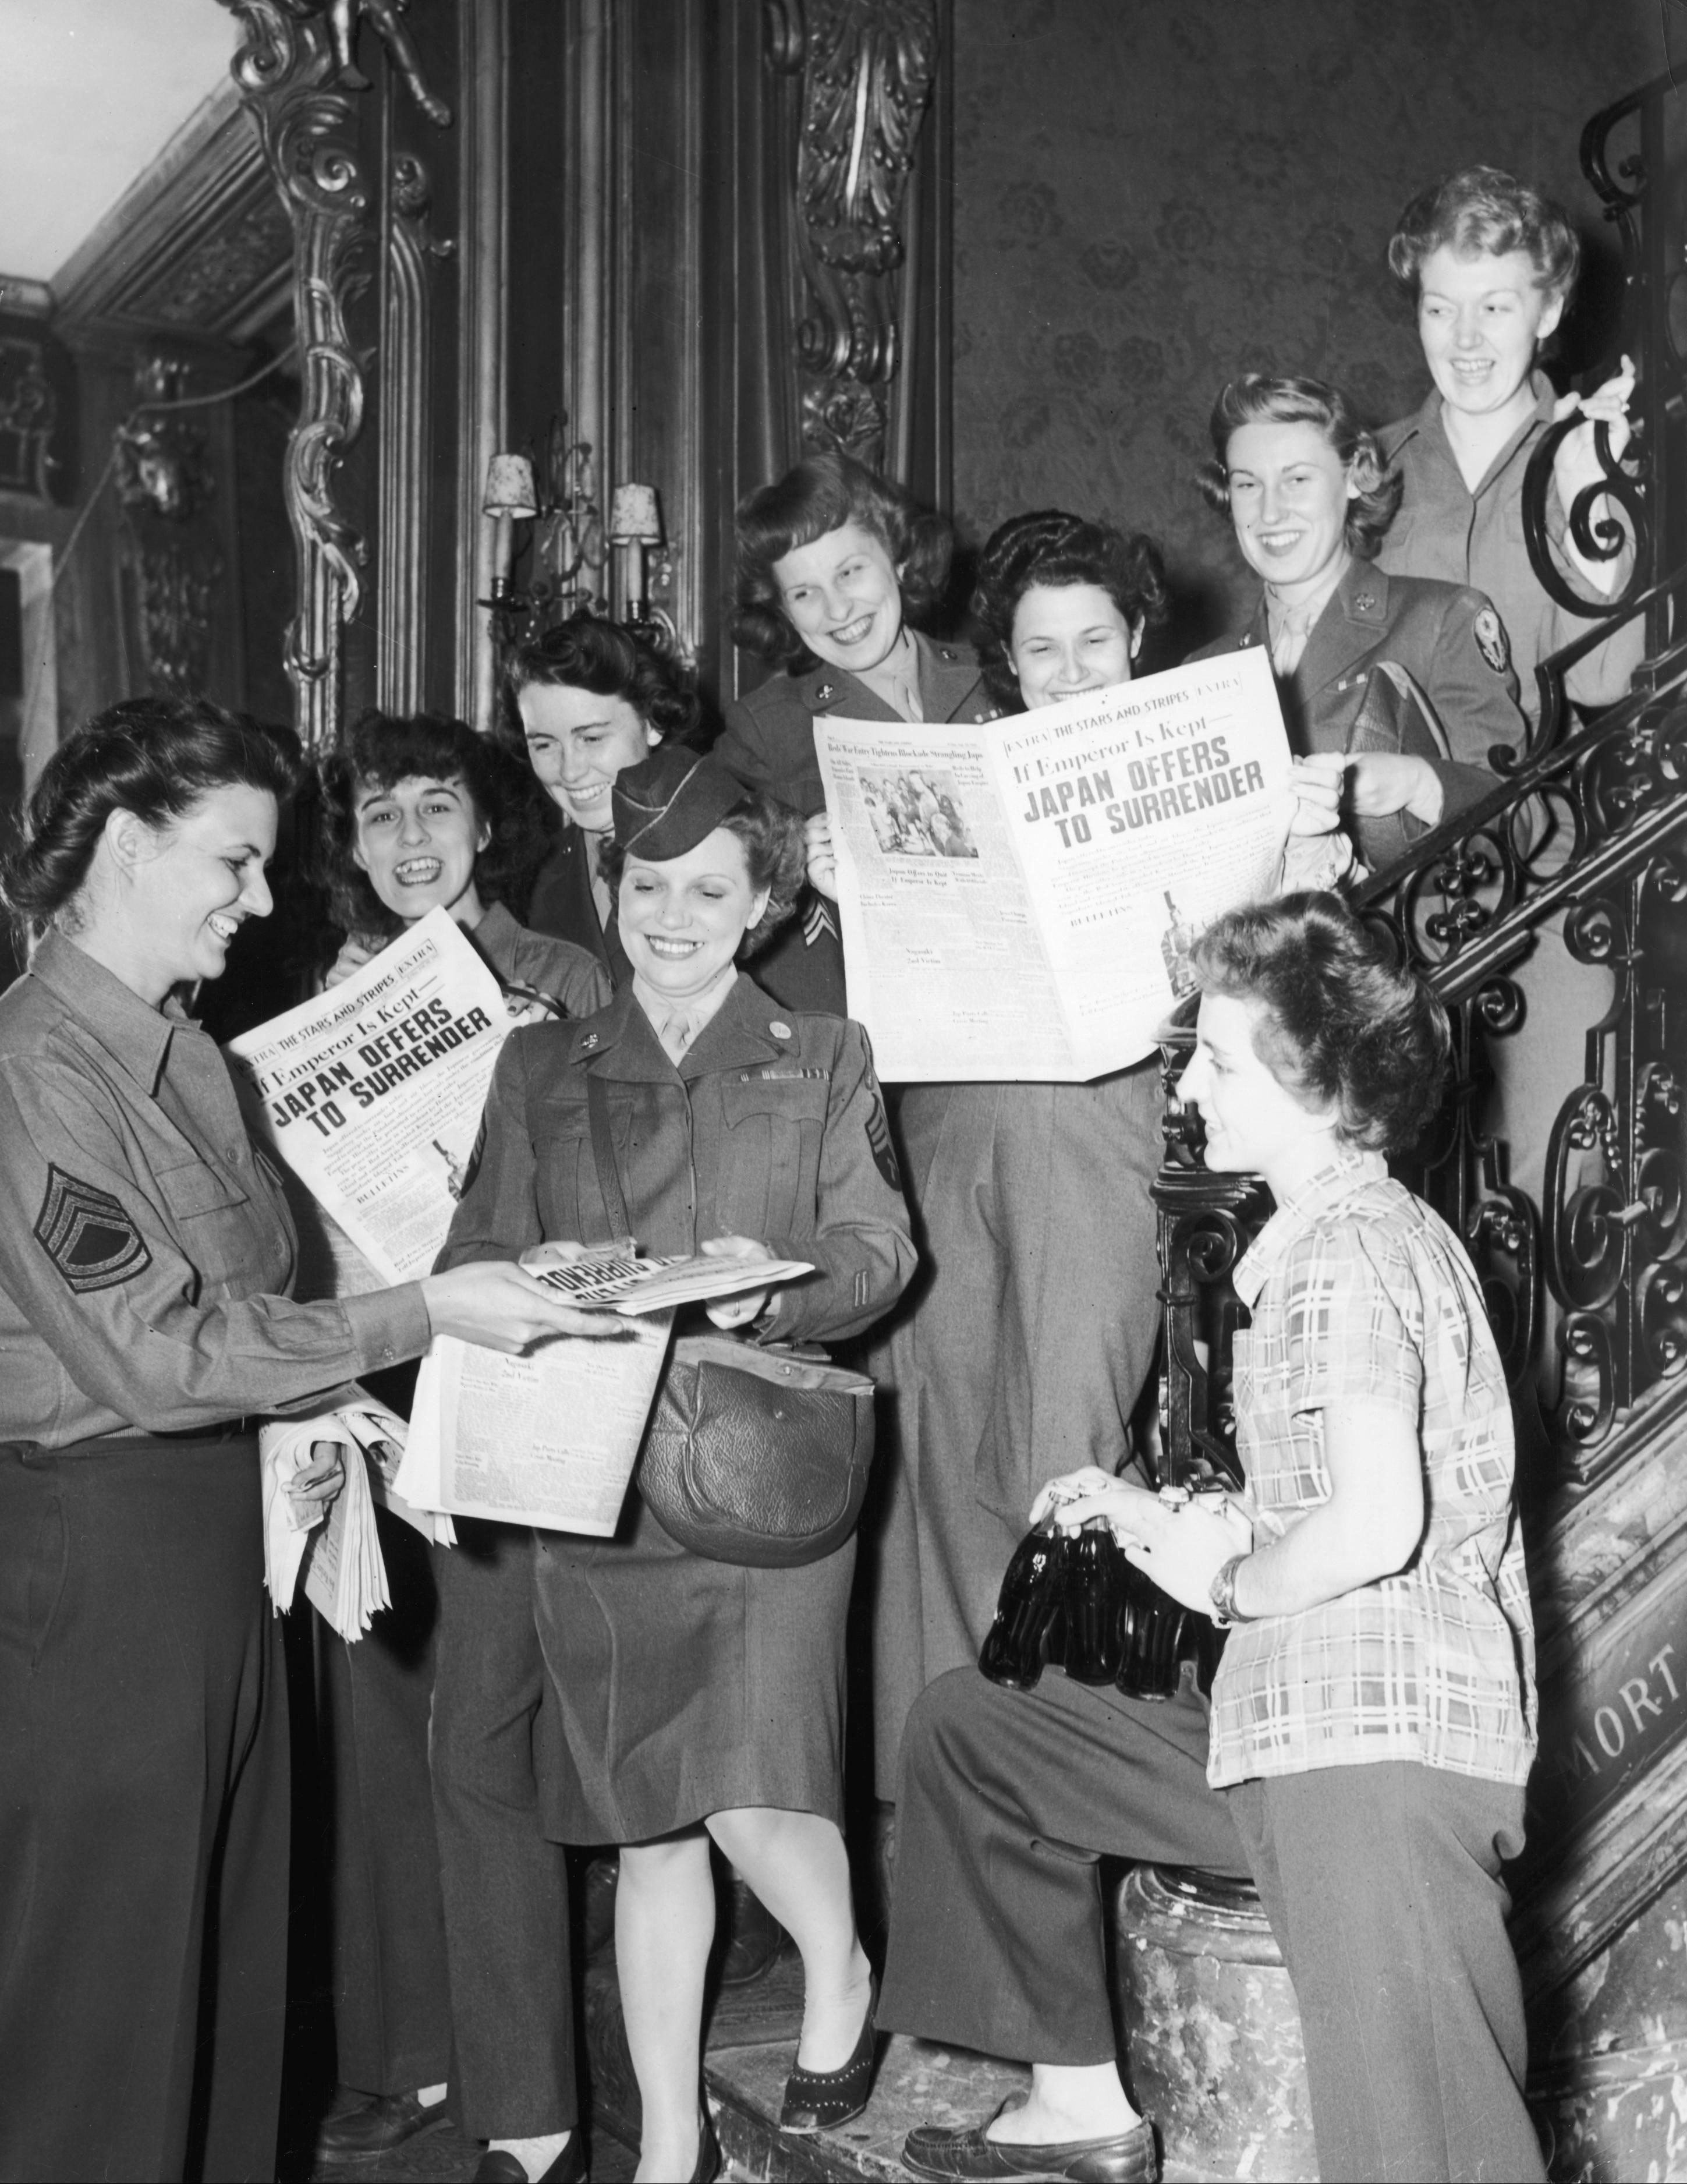 BILLEDER Sådan blev afslutning på 2. Verdenskrig fejret i 1945 | Udland | DR